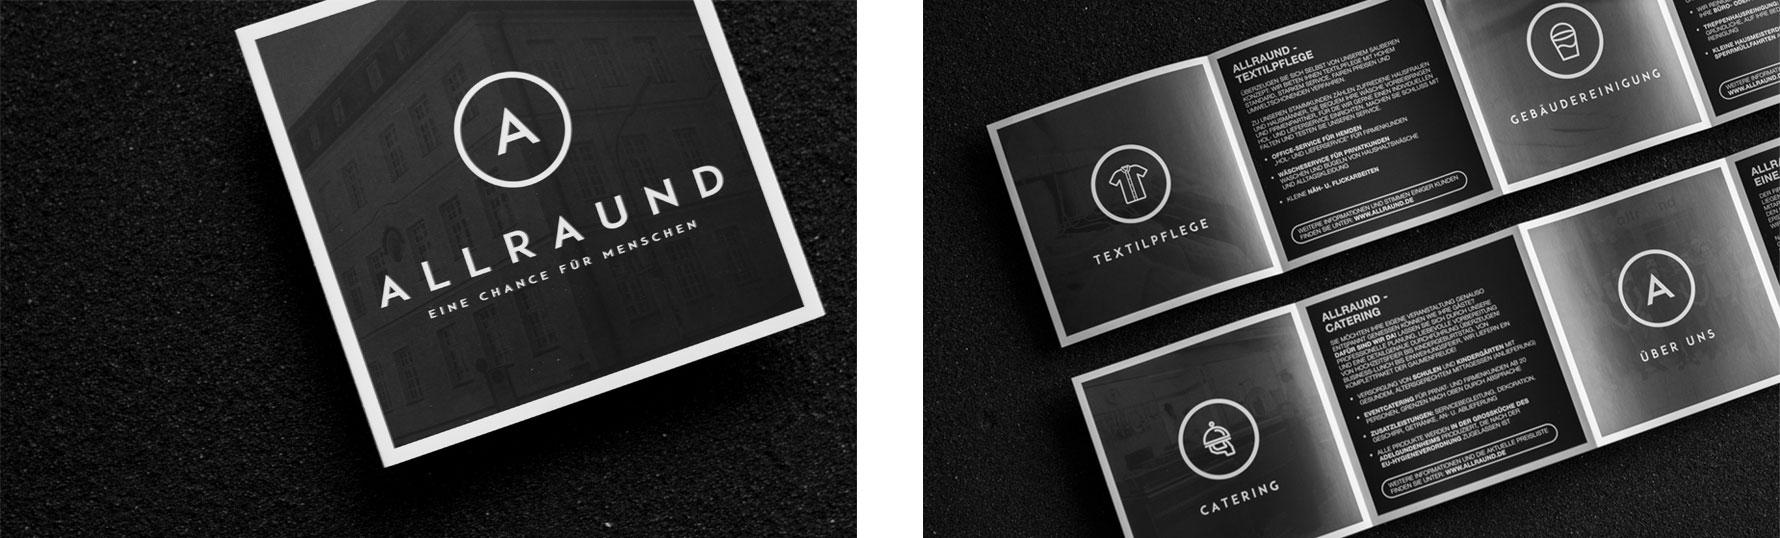 Hüfner Design | Referenz AllrAUnd gGmbH | Corporate Design